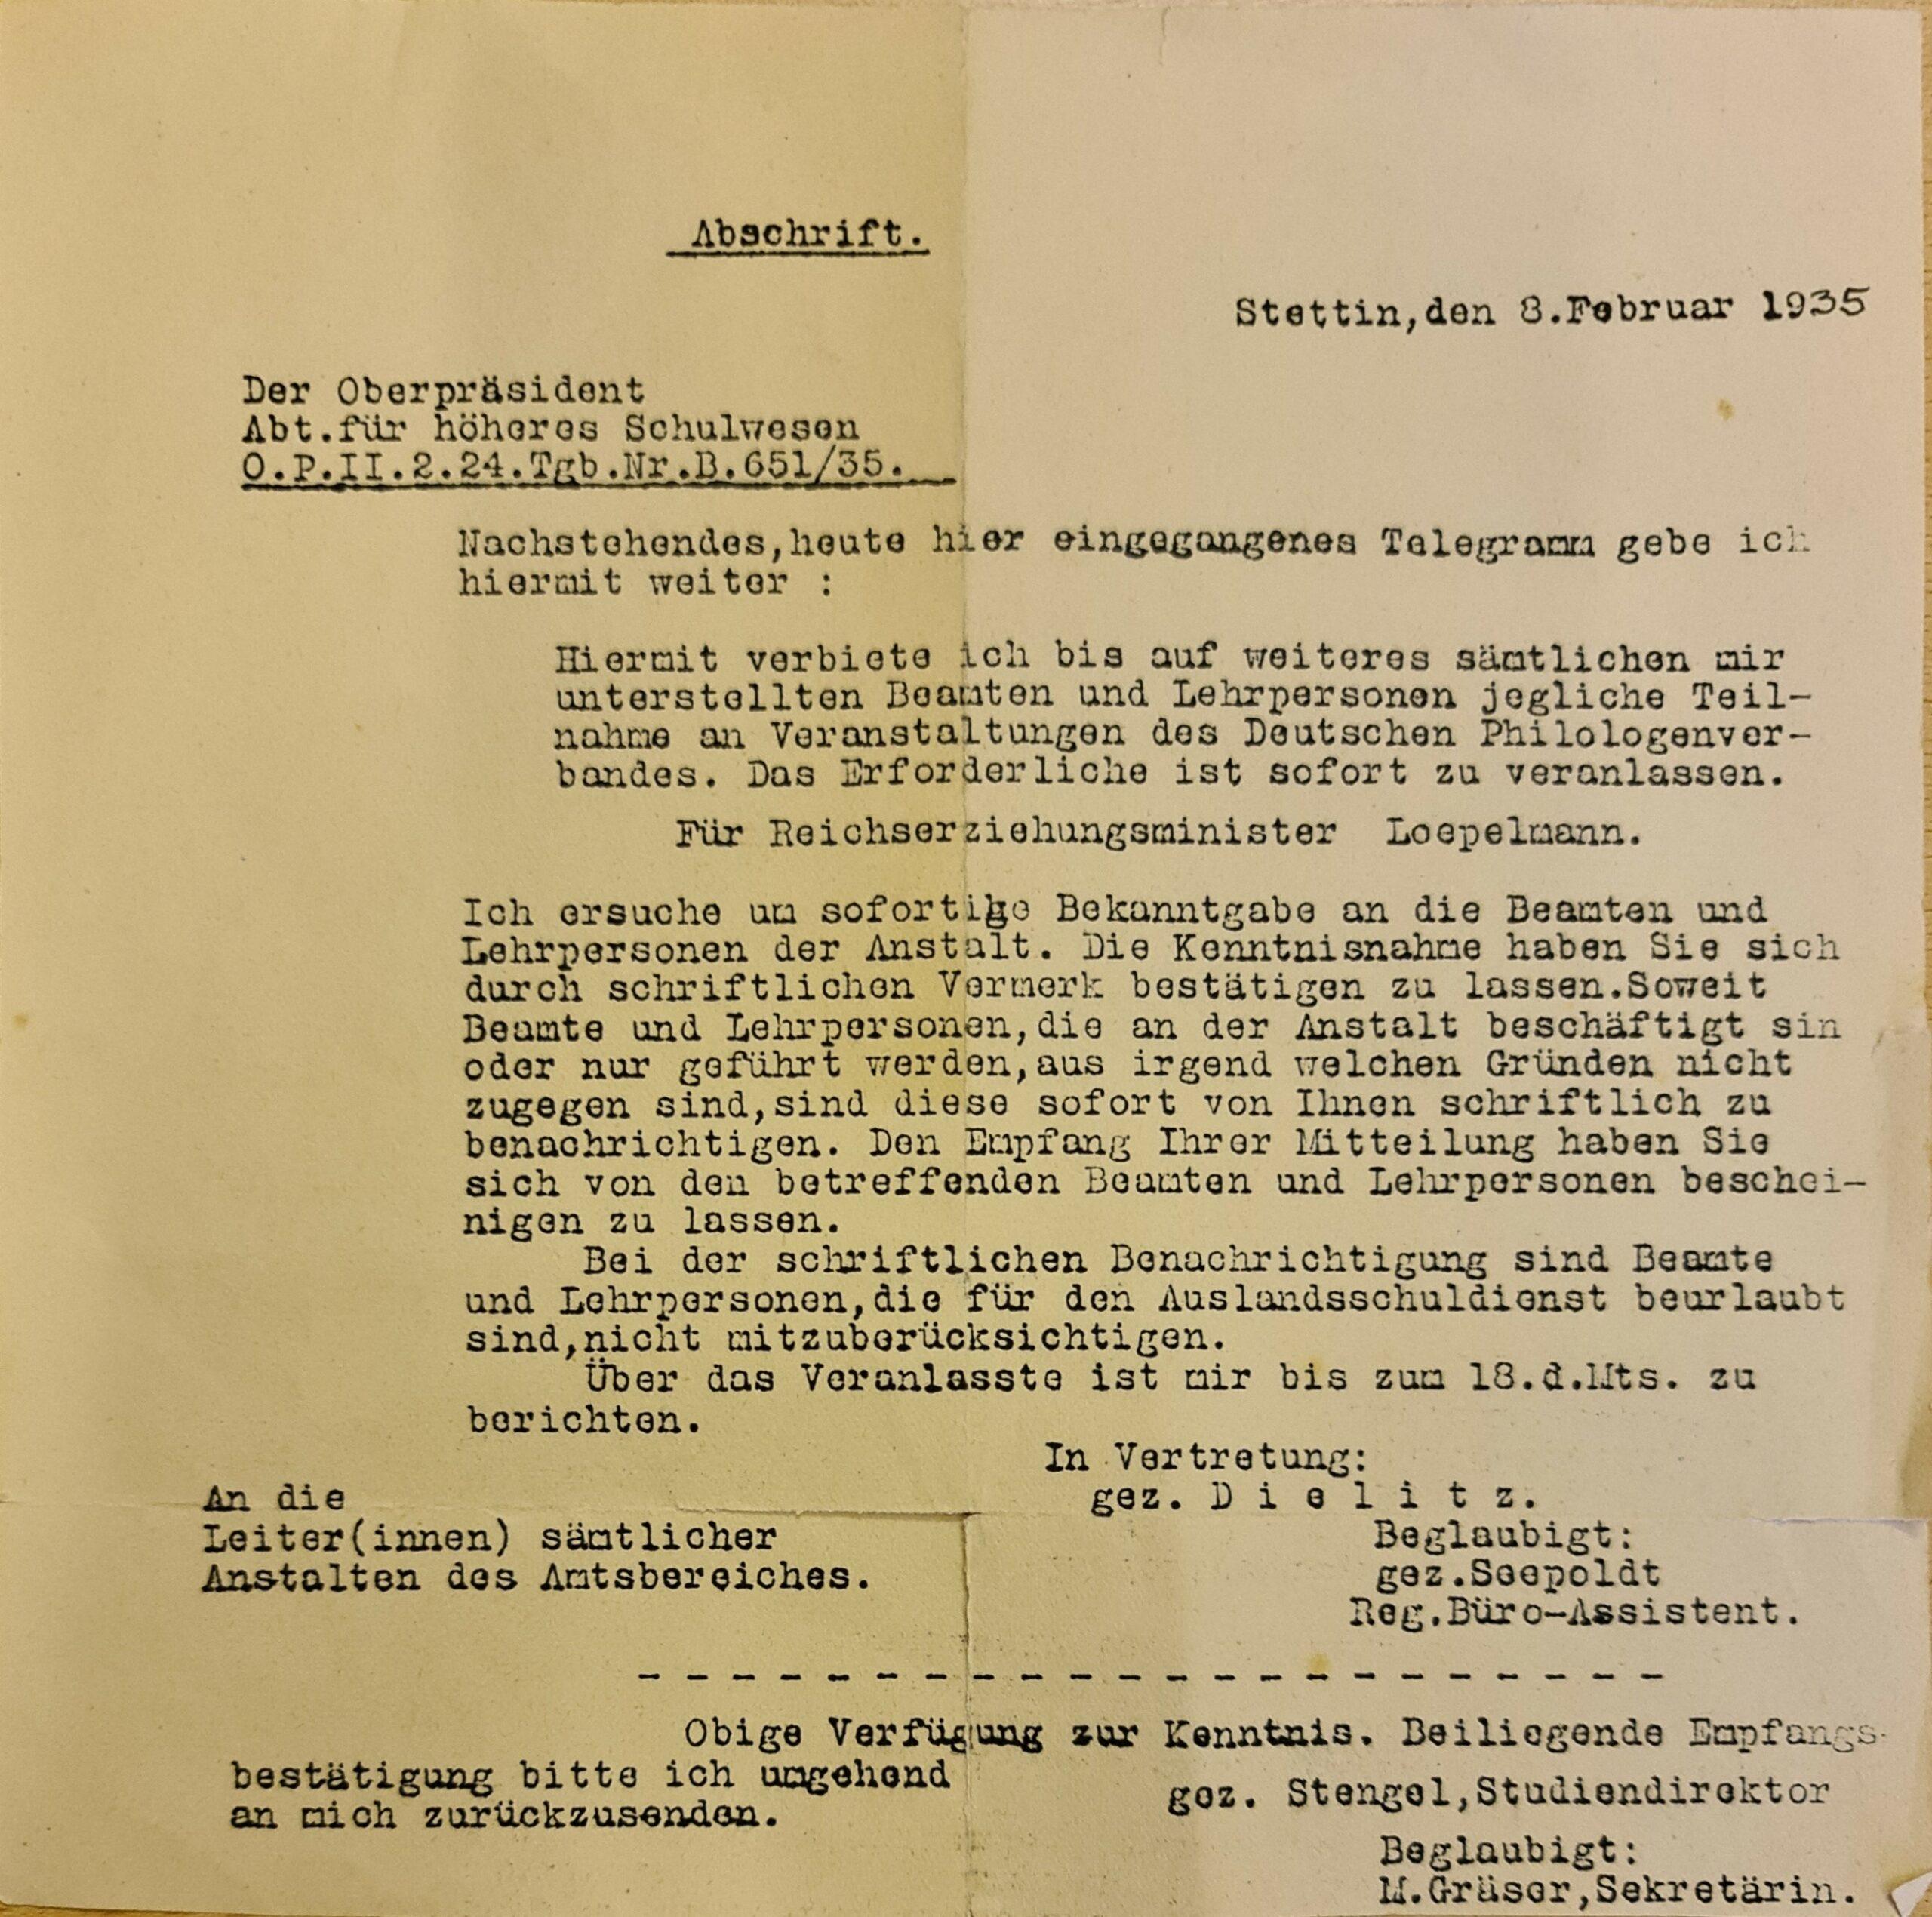 Stettin 1935: Verbot des DPhV